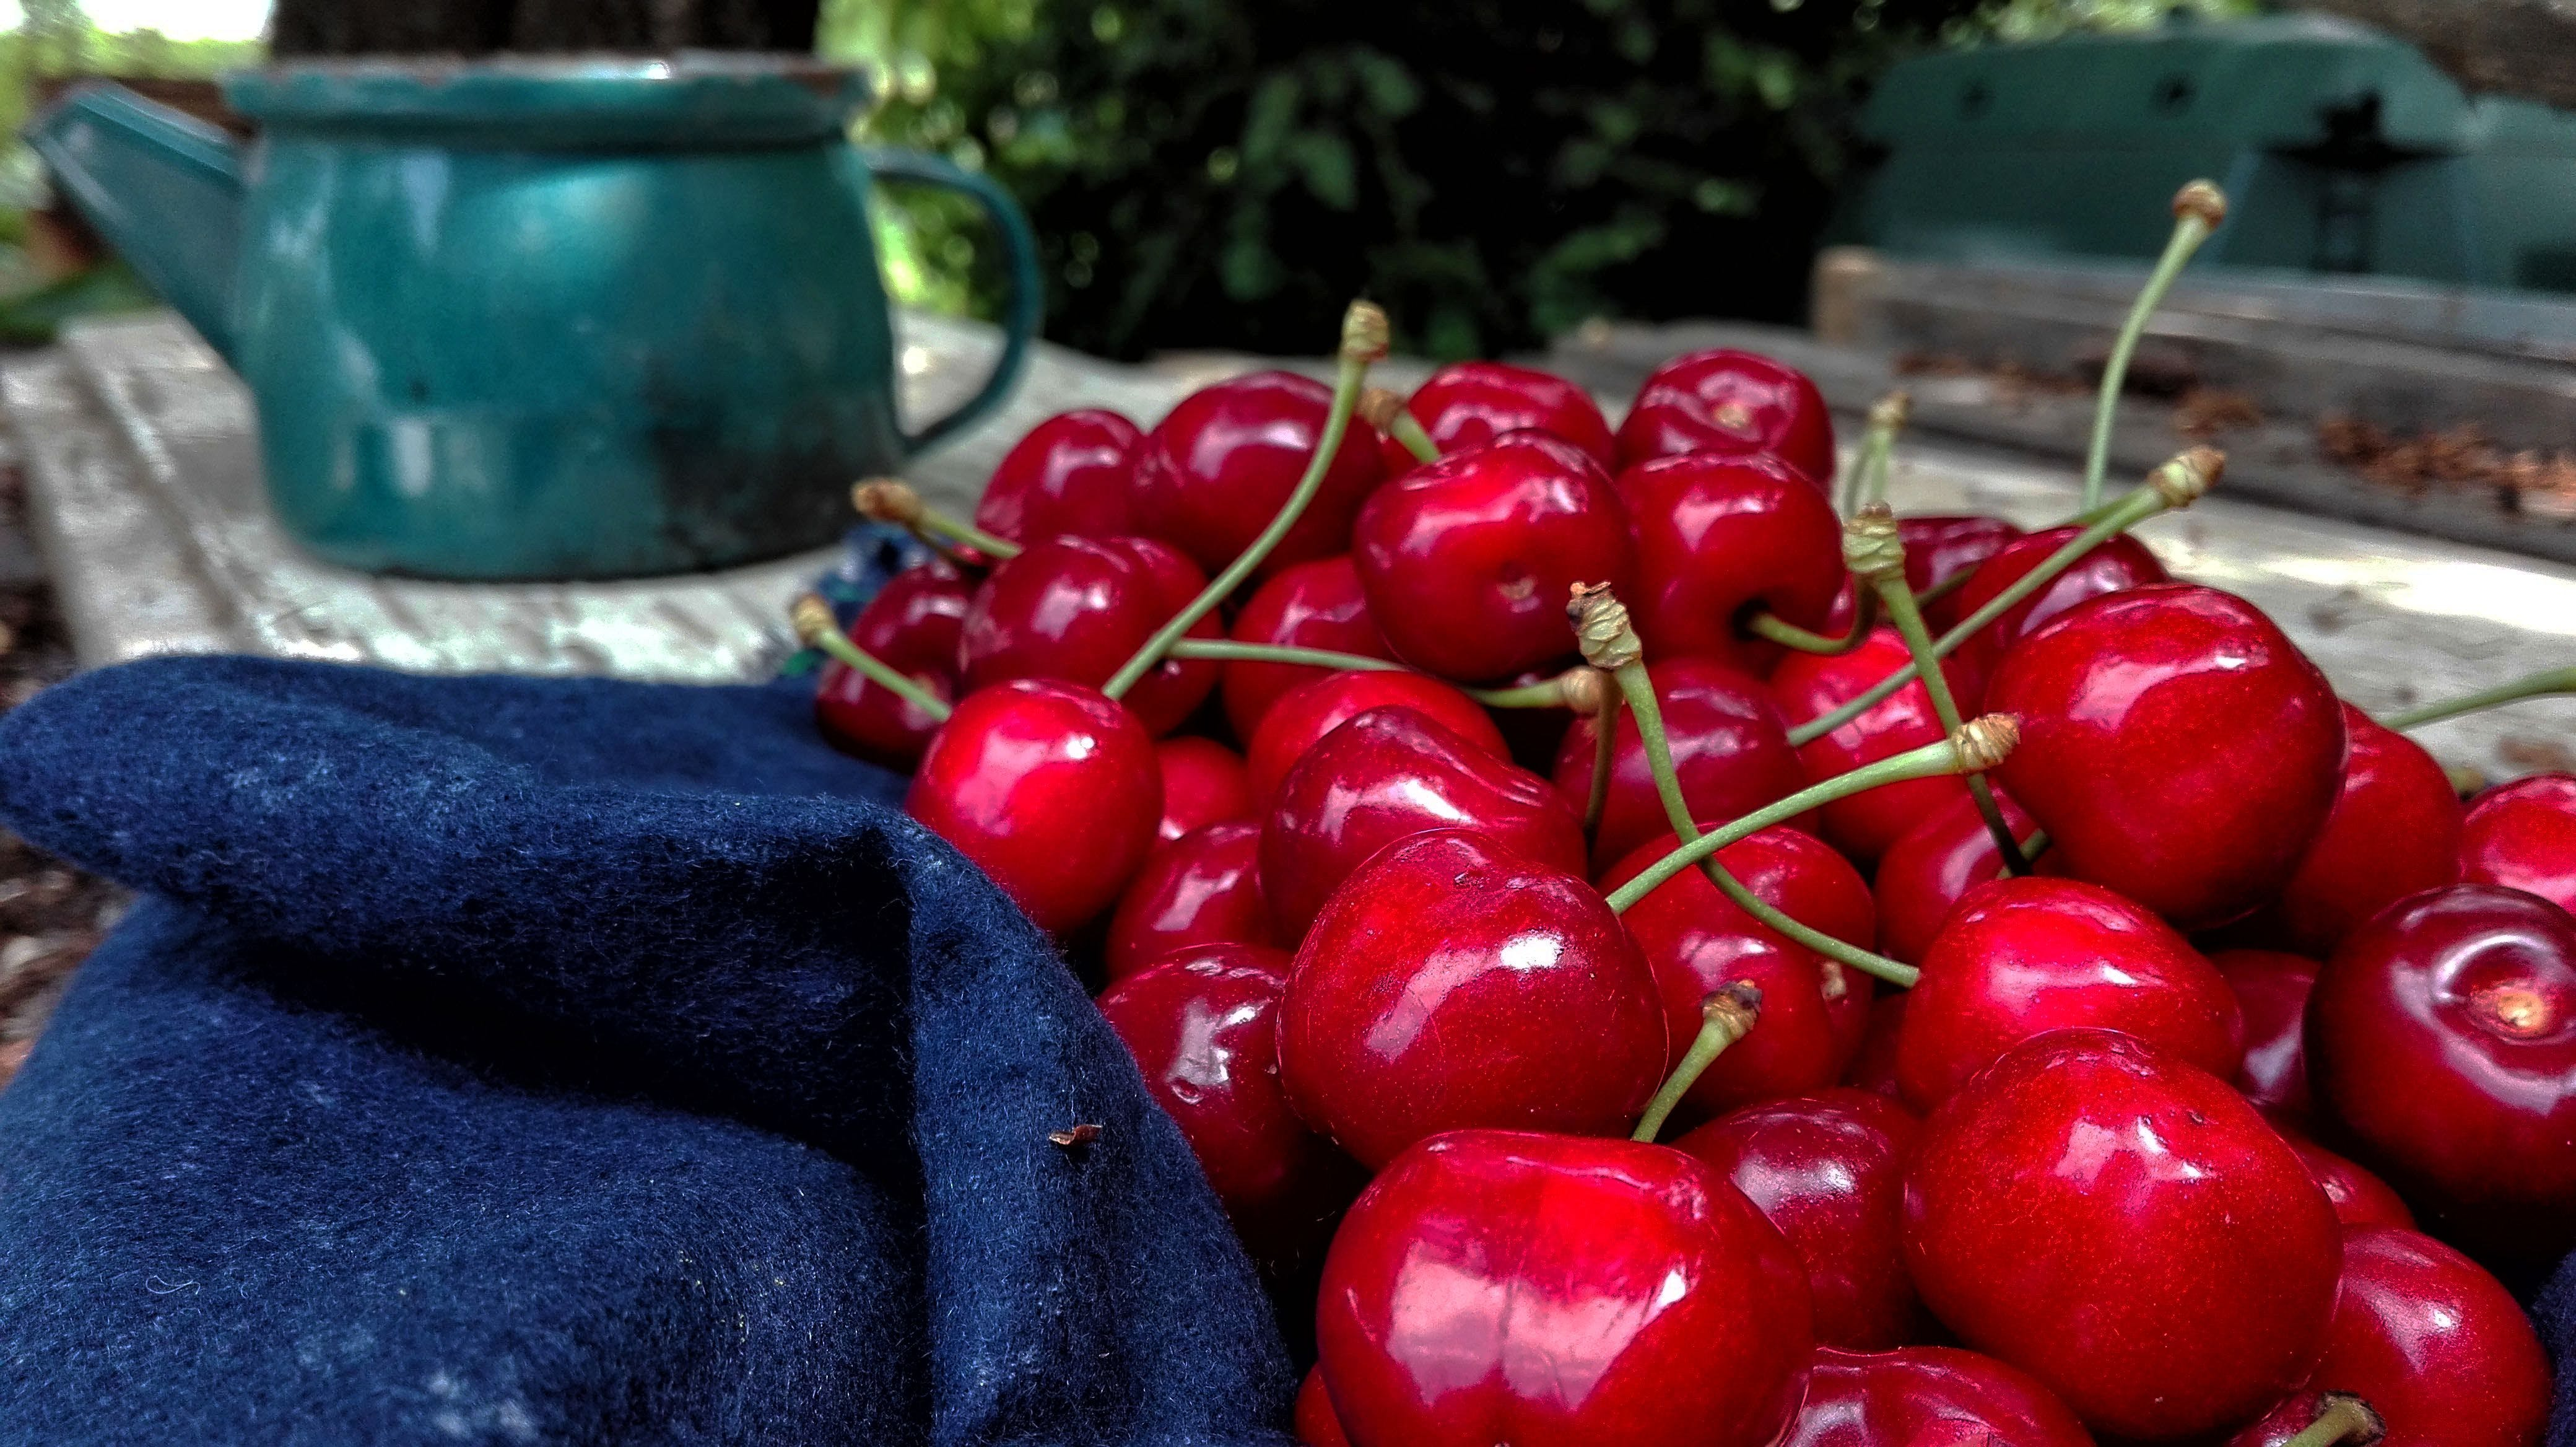 Kostenloses Stock Foto zu früchte, kirschen, reifen kirschen, rote früchte